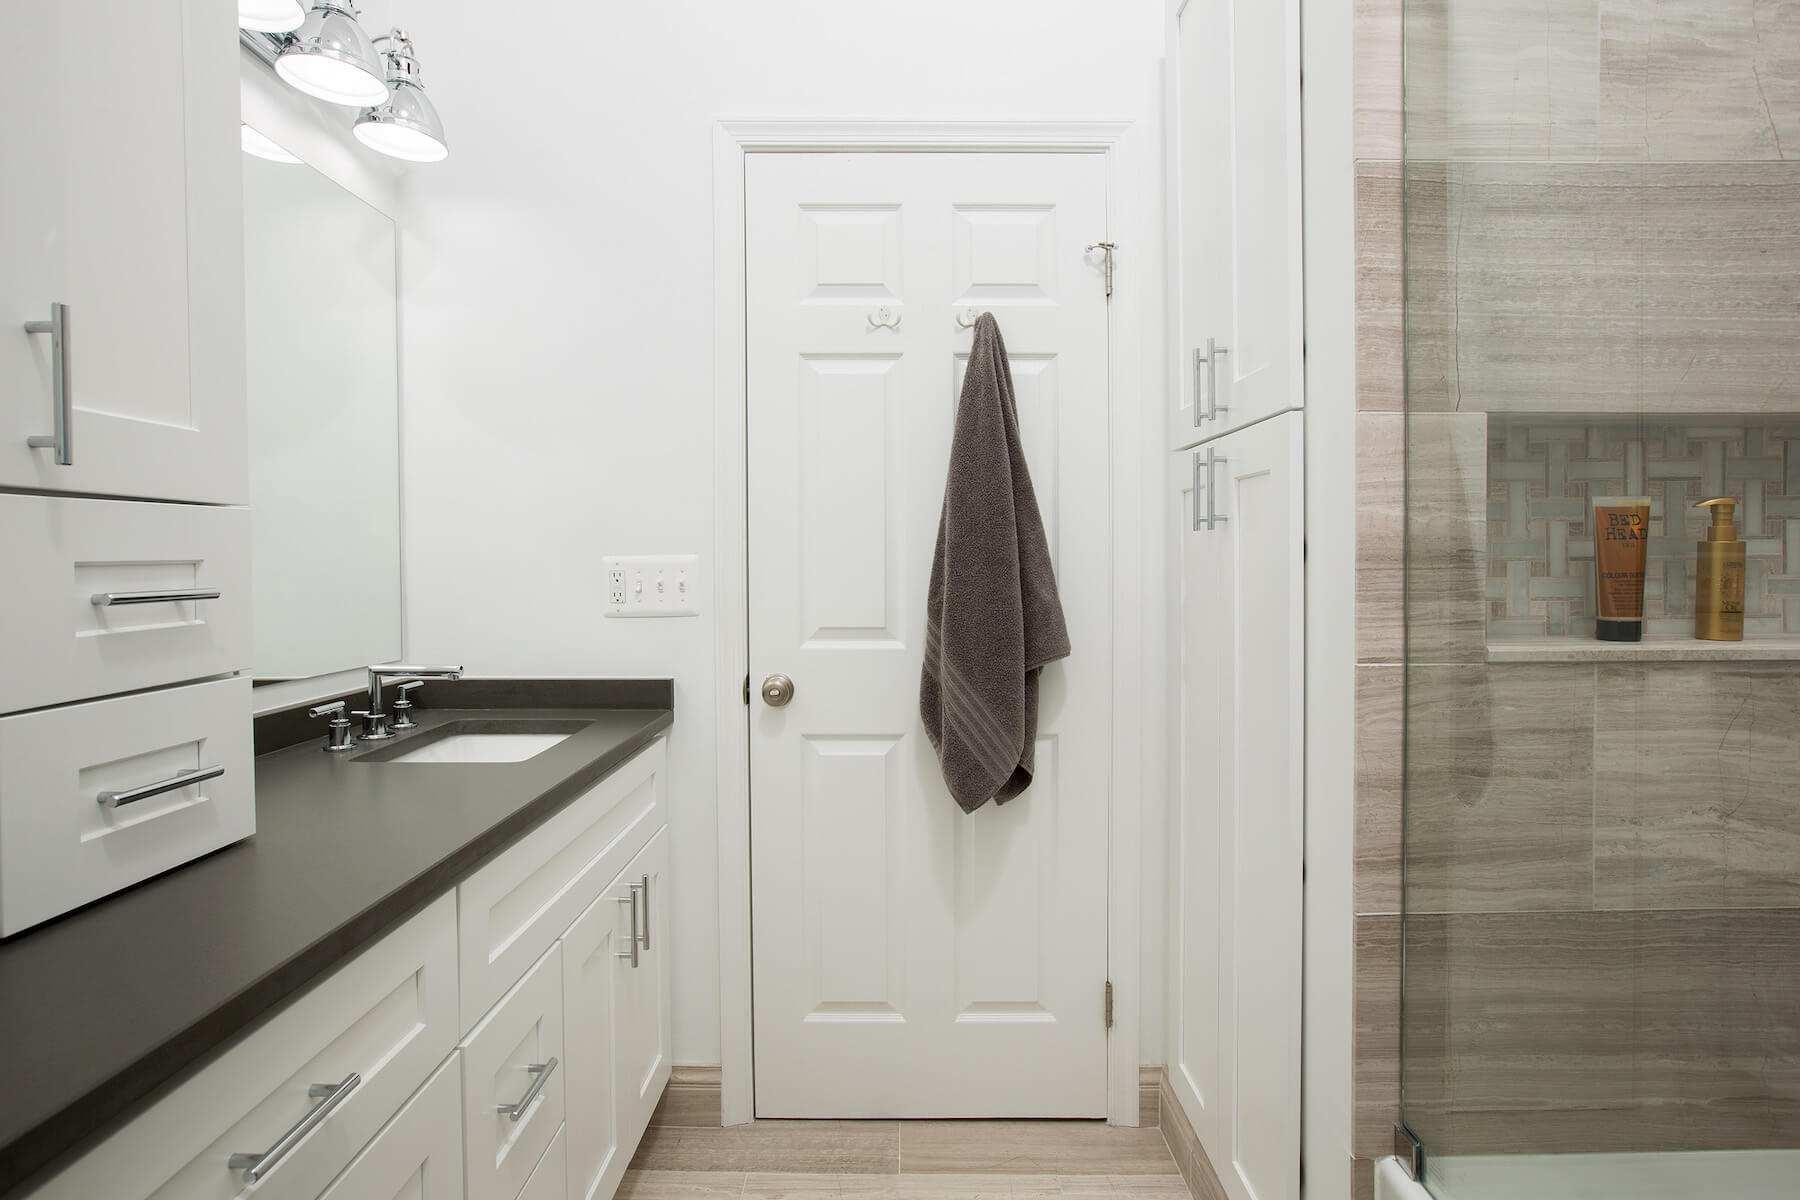 bathroom10-19-17_900